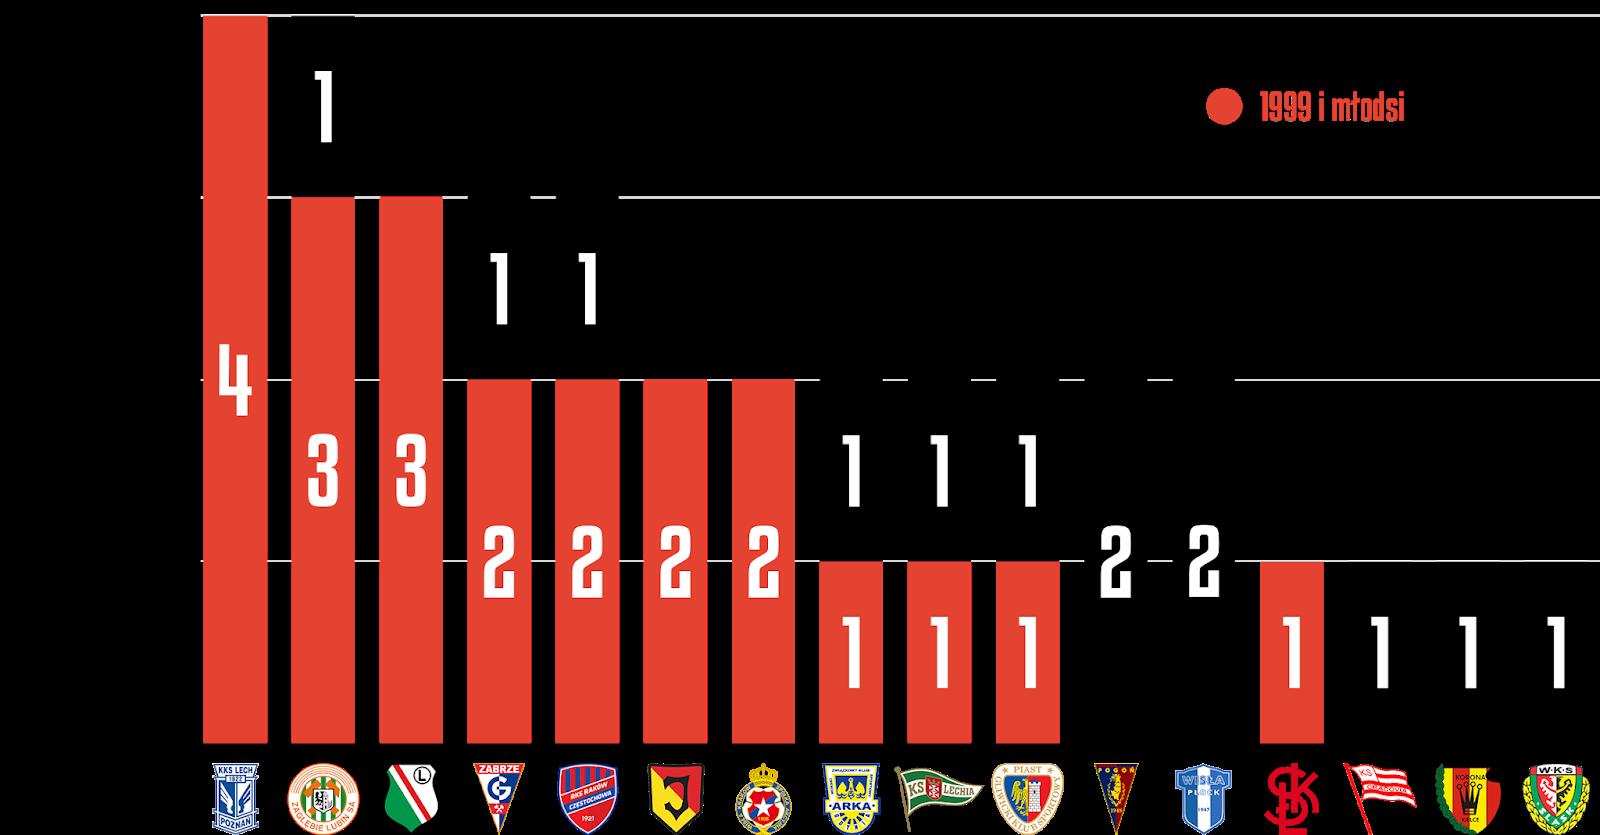 Młodzieżowcy w 17. kolejce PKO Ekstraklasy<br><br>Źródło: Opracowanie własne na podstawie ekstrastats.pl<br><br>graf. Bartosz Urban